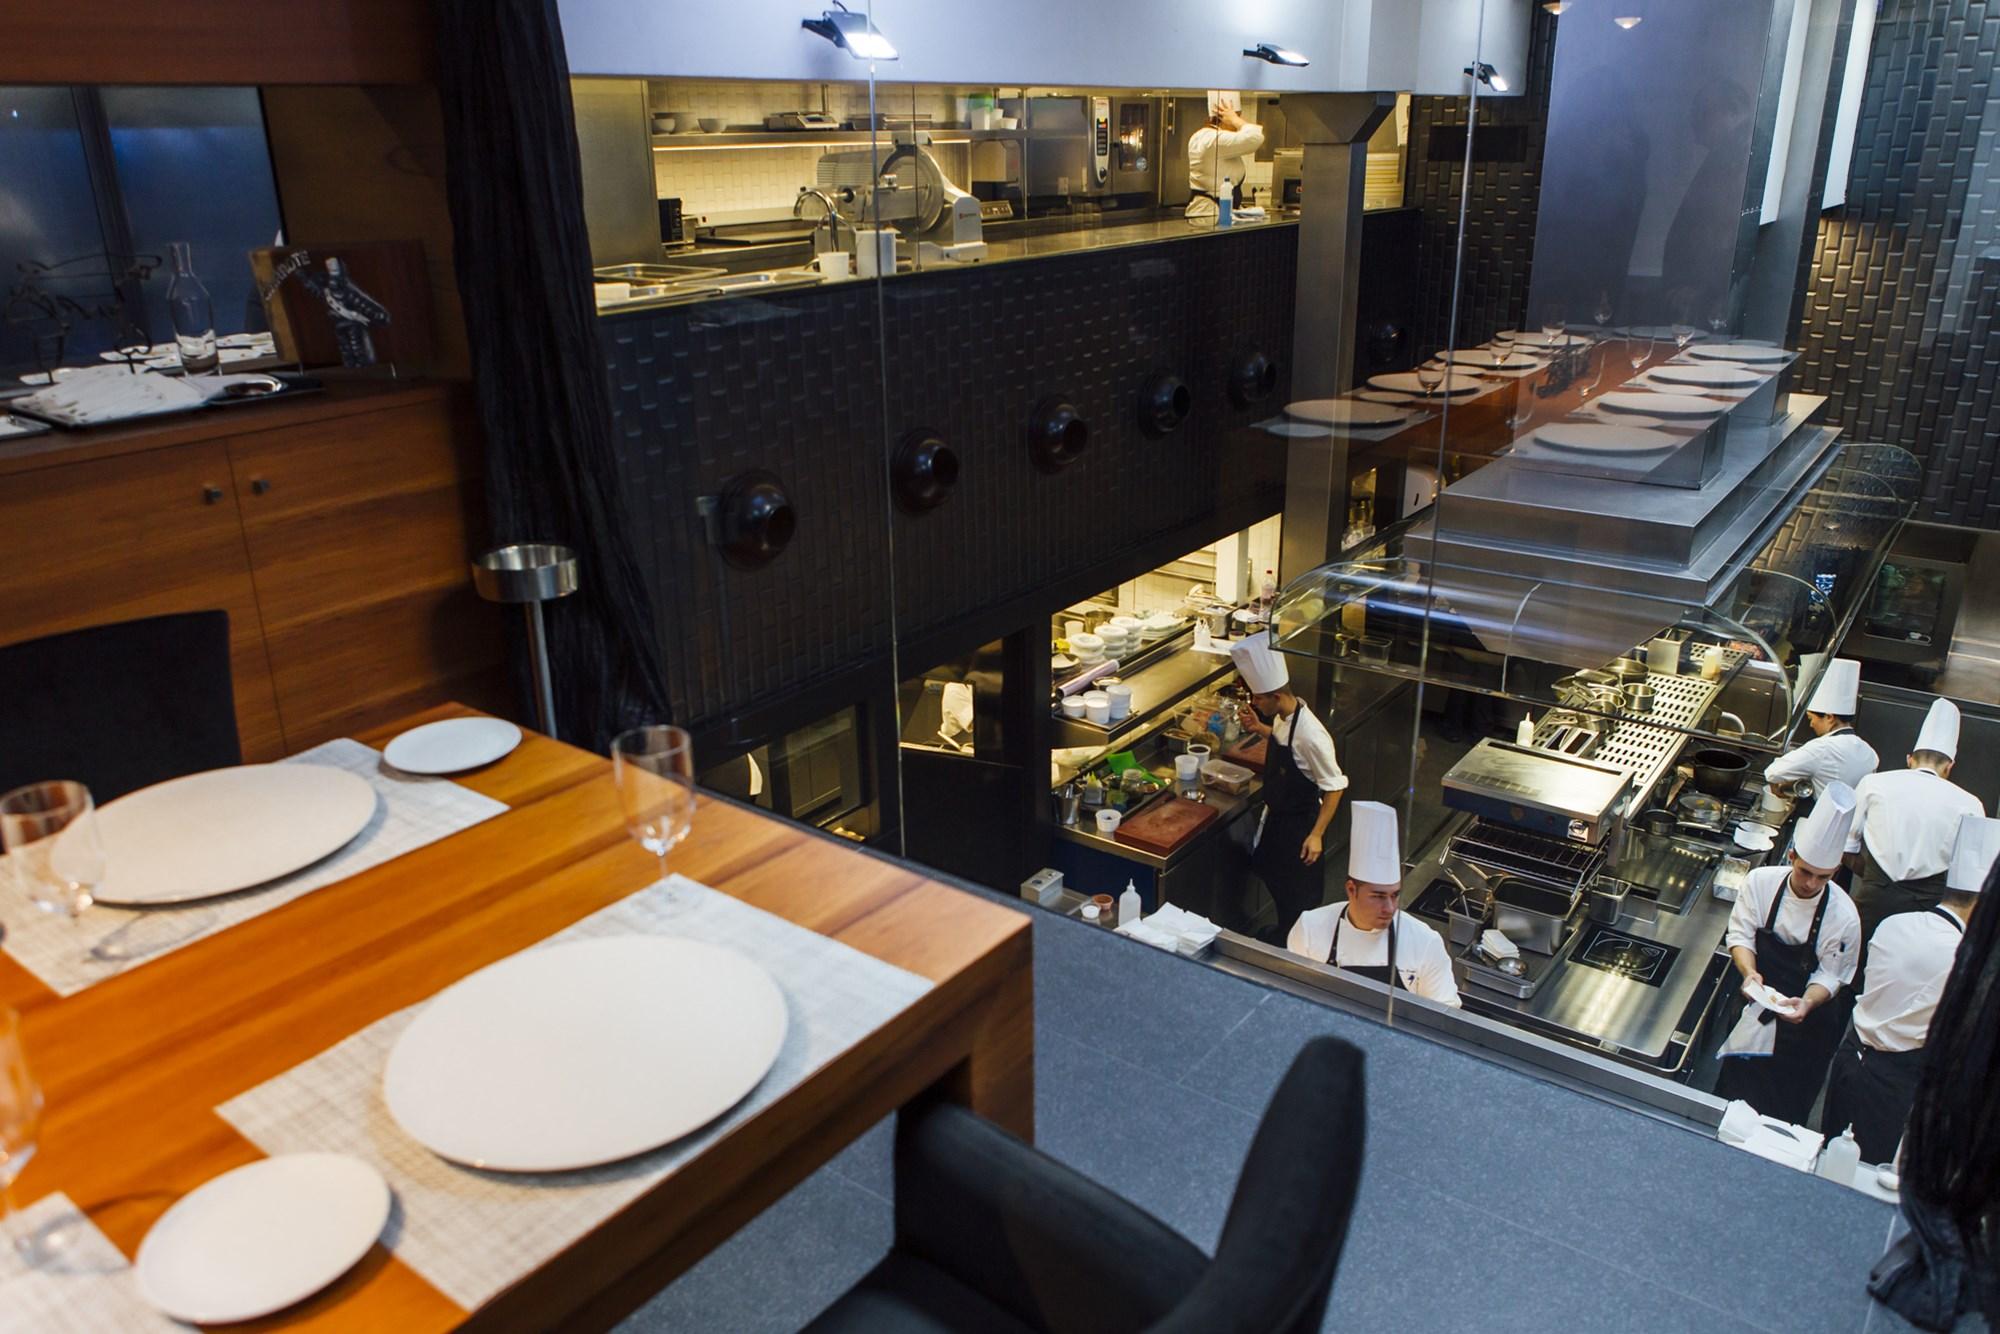 La mesa de la cocina, con una visión panorámica de todo lo que sucede durante el servicio gracias a la gran ventana indiscreta.